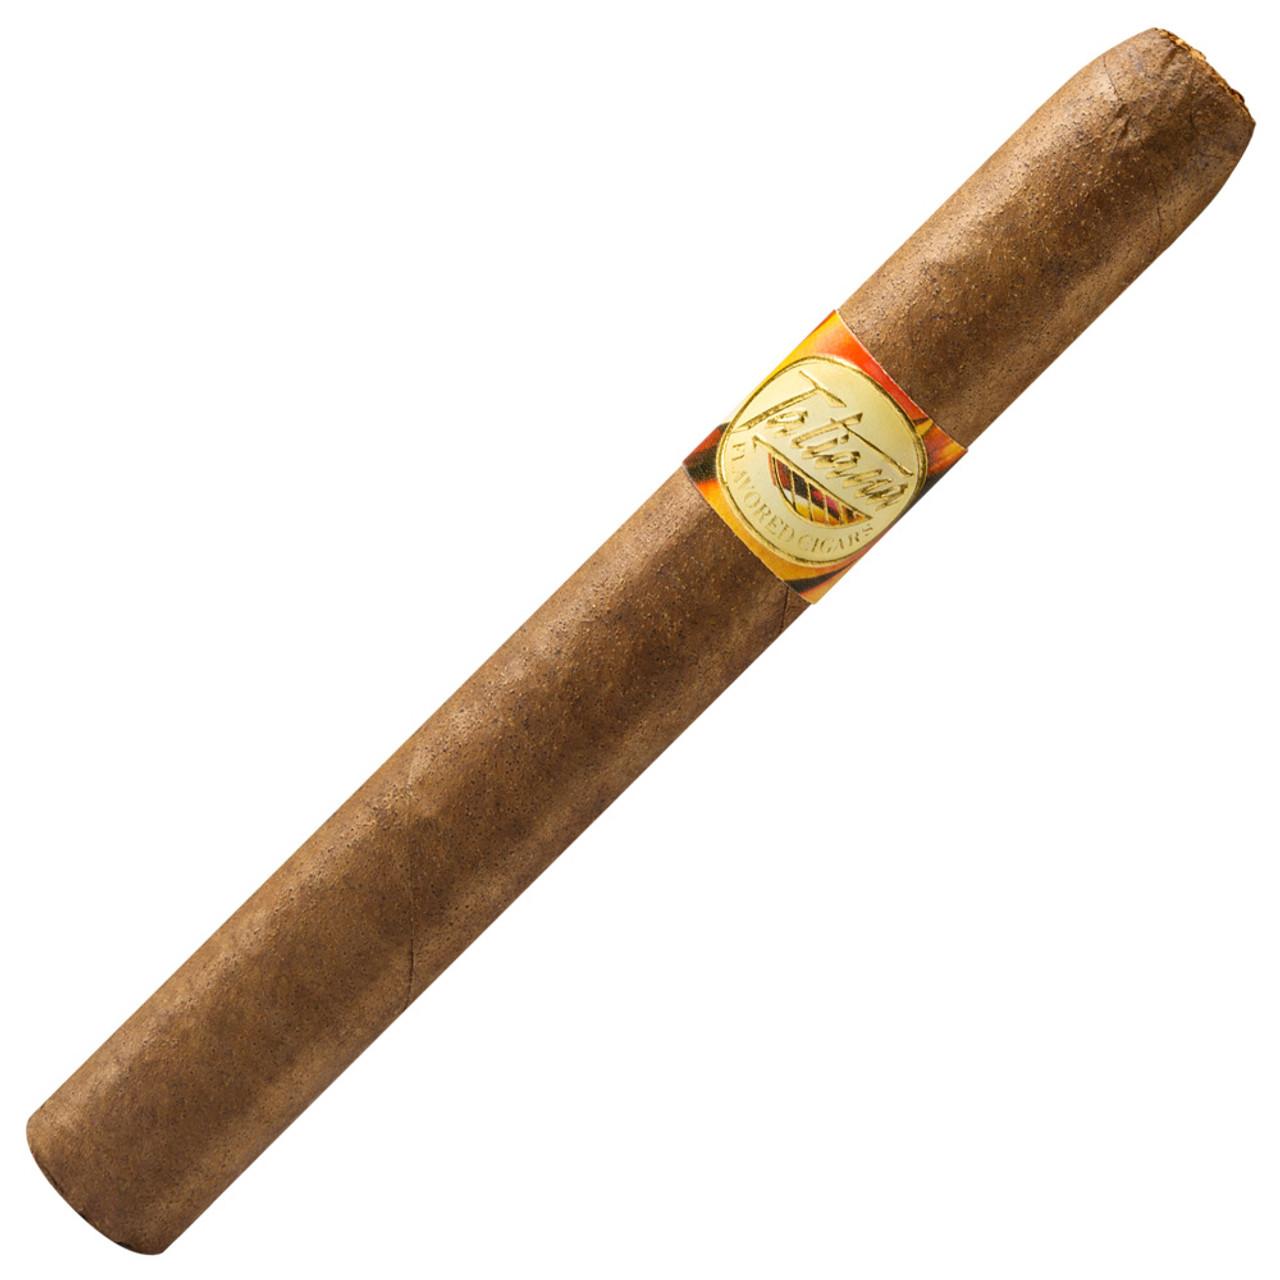 Tatiana La Vita Vanilla Cigars - 5 x 38 (Box of 25)